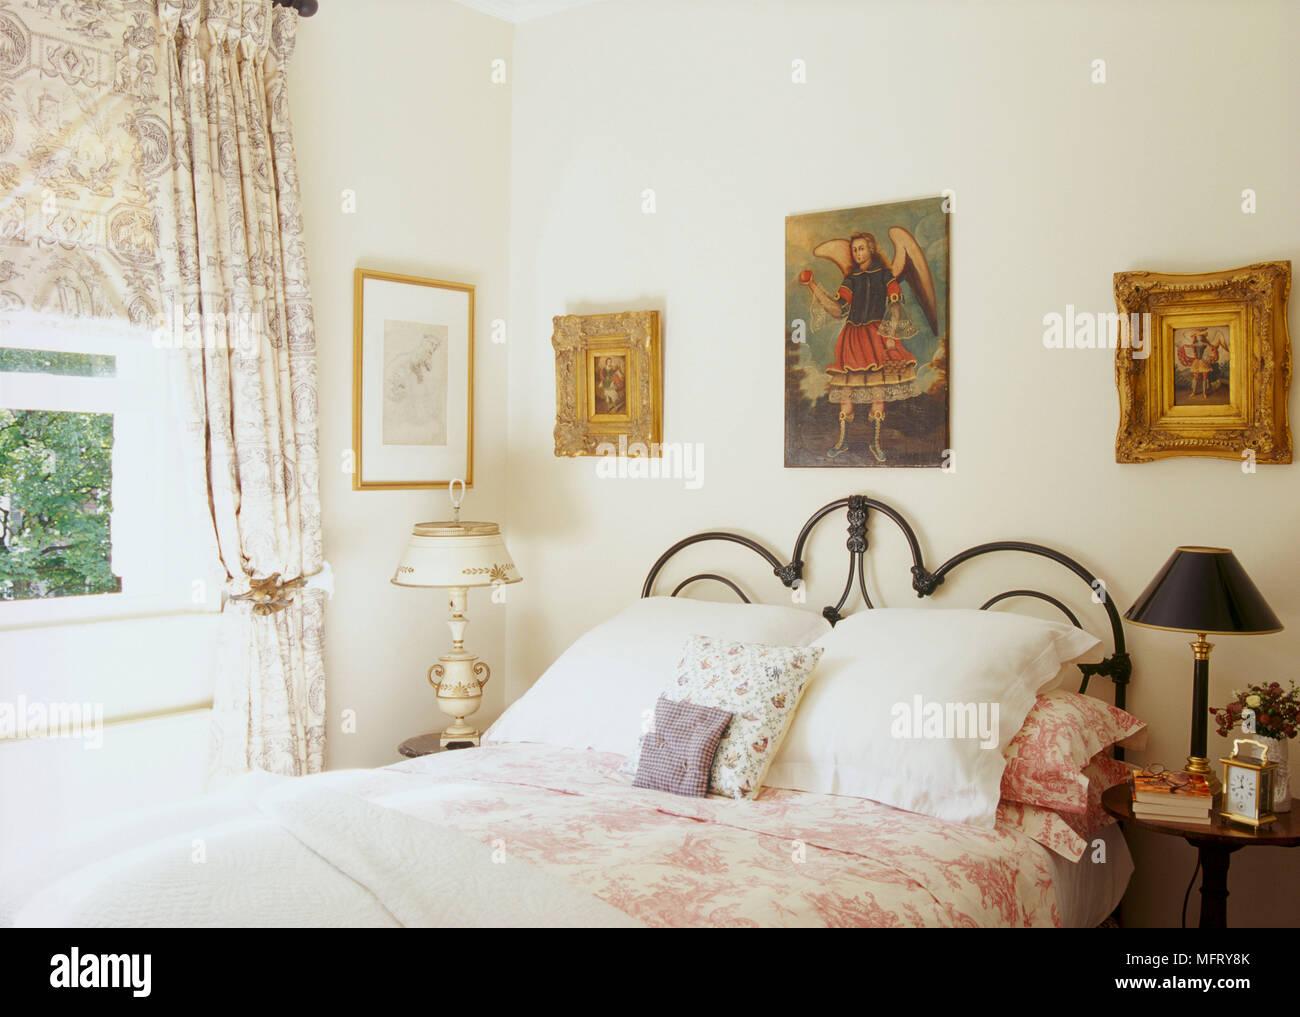 Camere Da Letto Tradizionali : Un dettaglio di un tradizionale folle camera da letto con